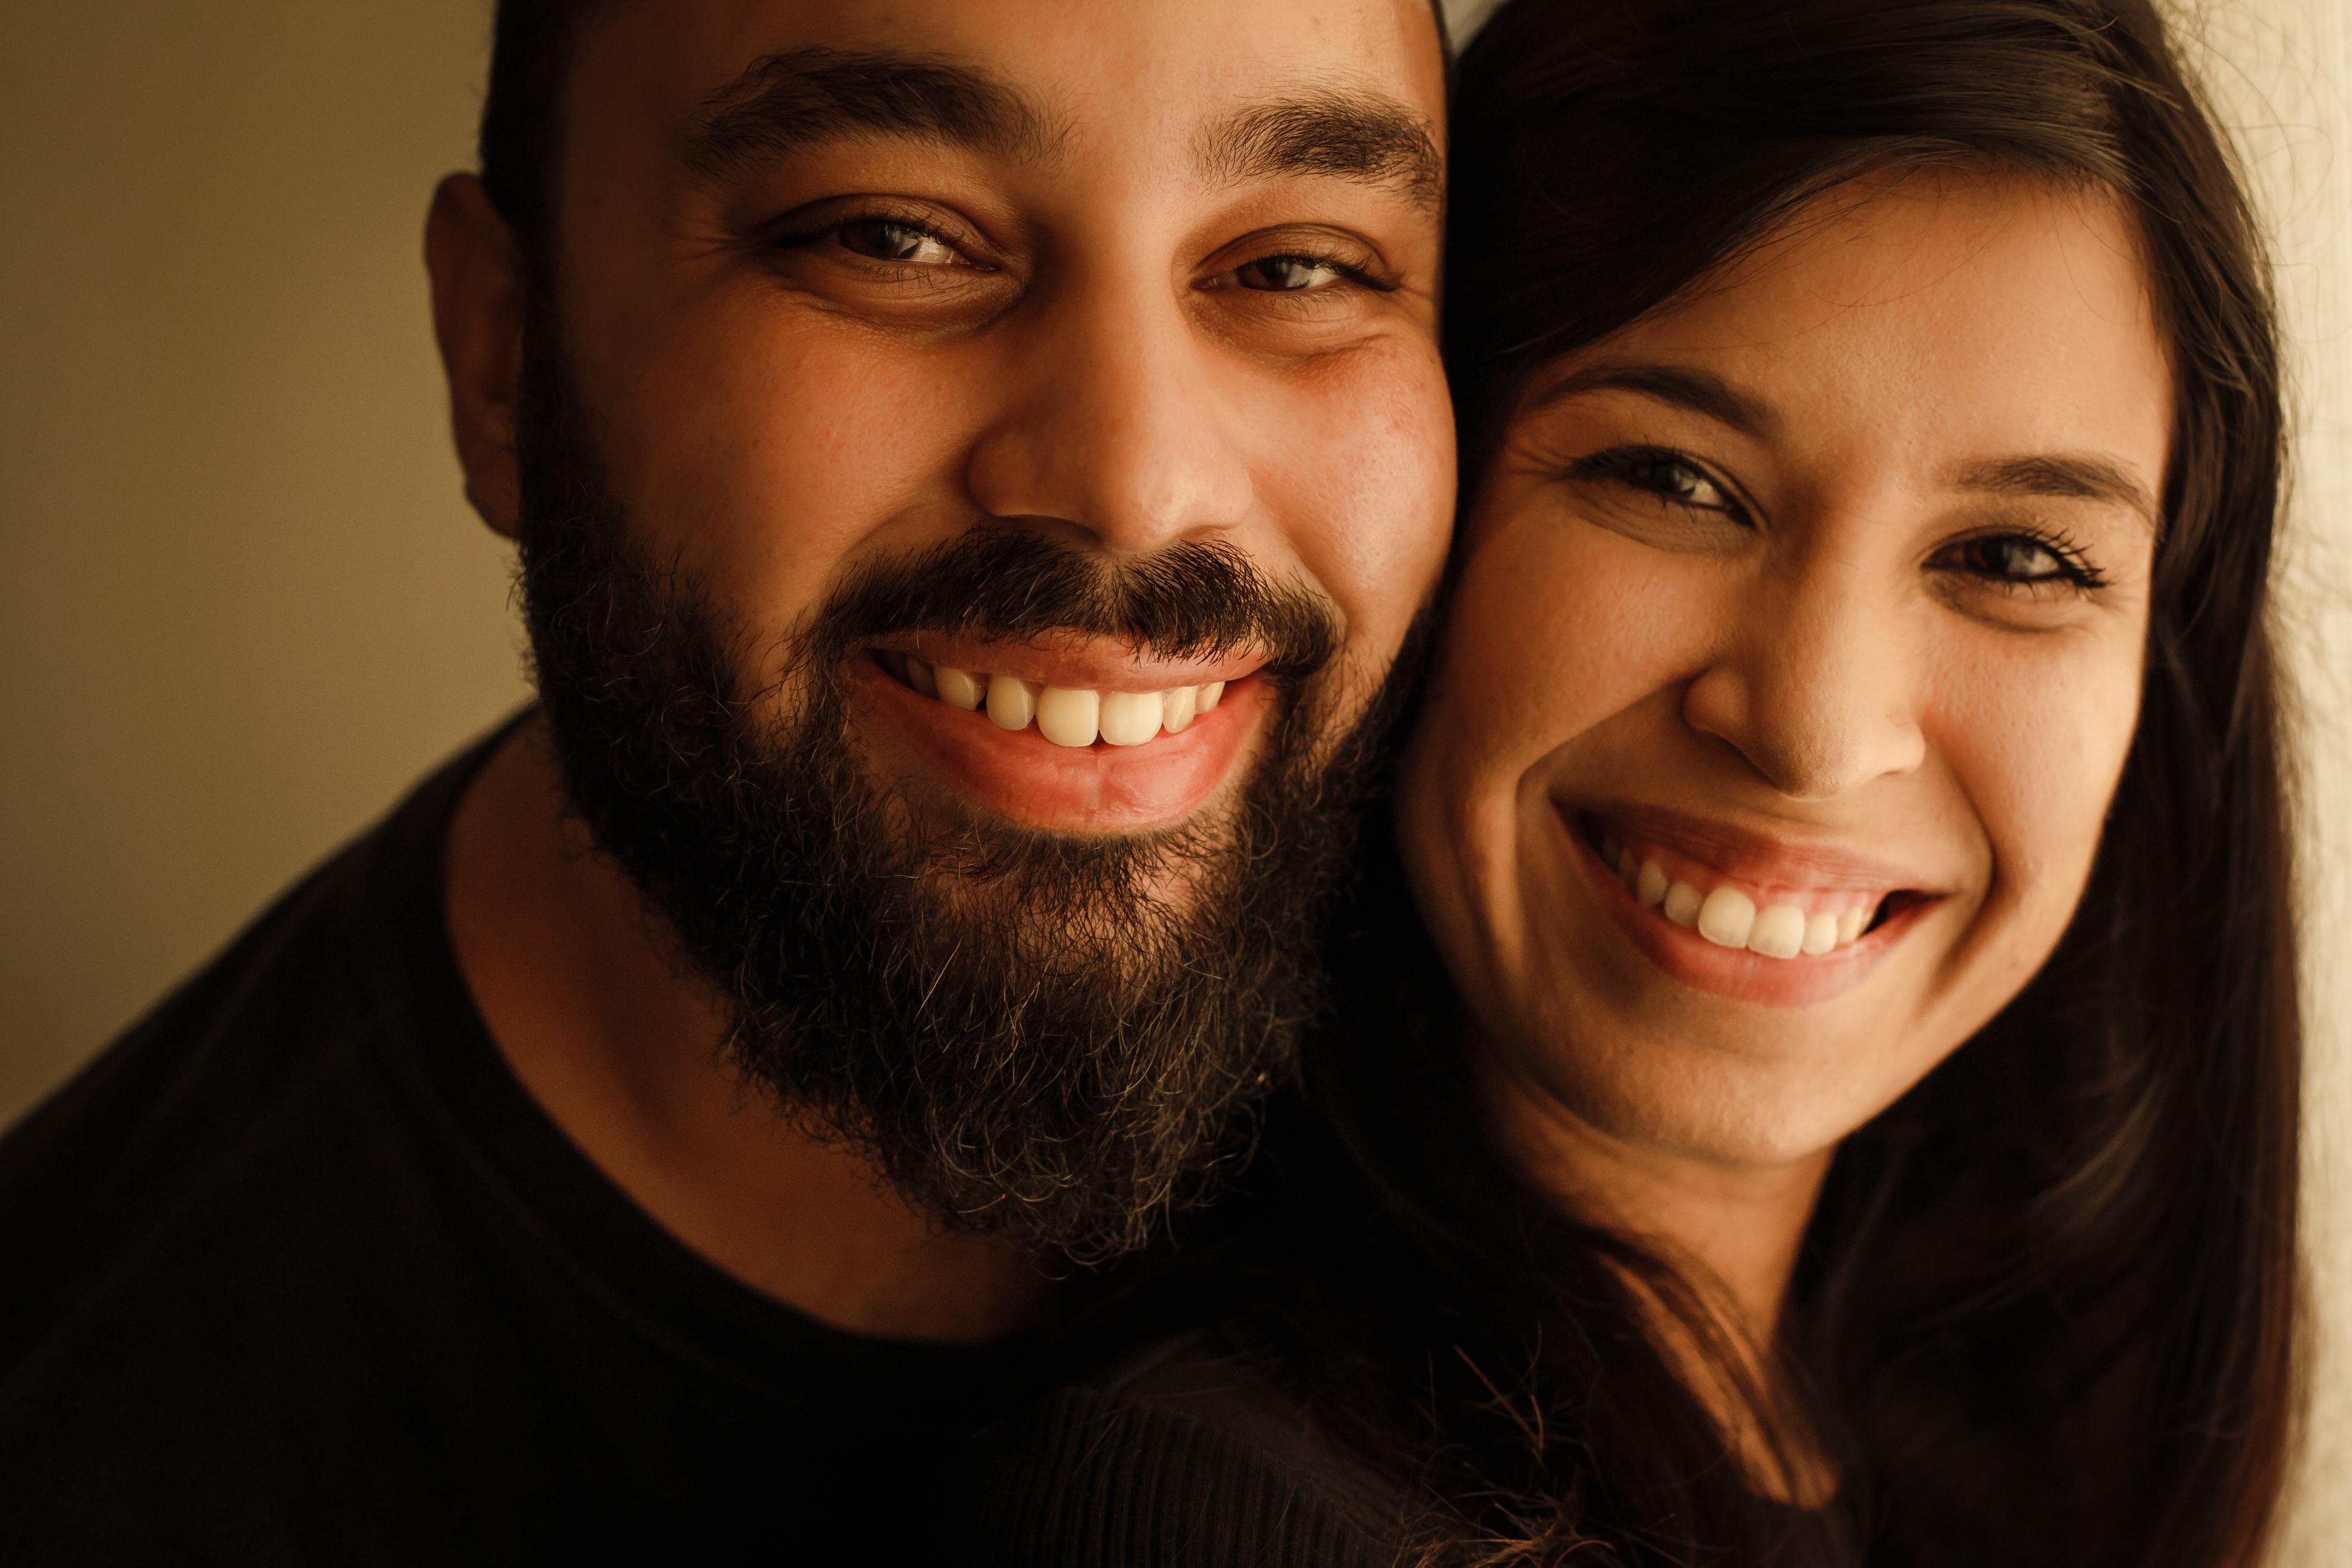 Sobre Mariana Abreu Fotografia - Fotógrafos de Casamentos e Famílias na região metropolitana de Recife-PE